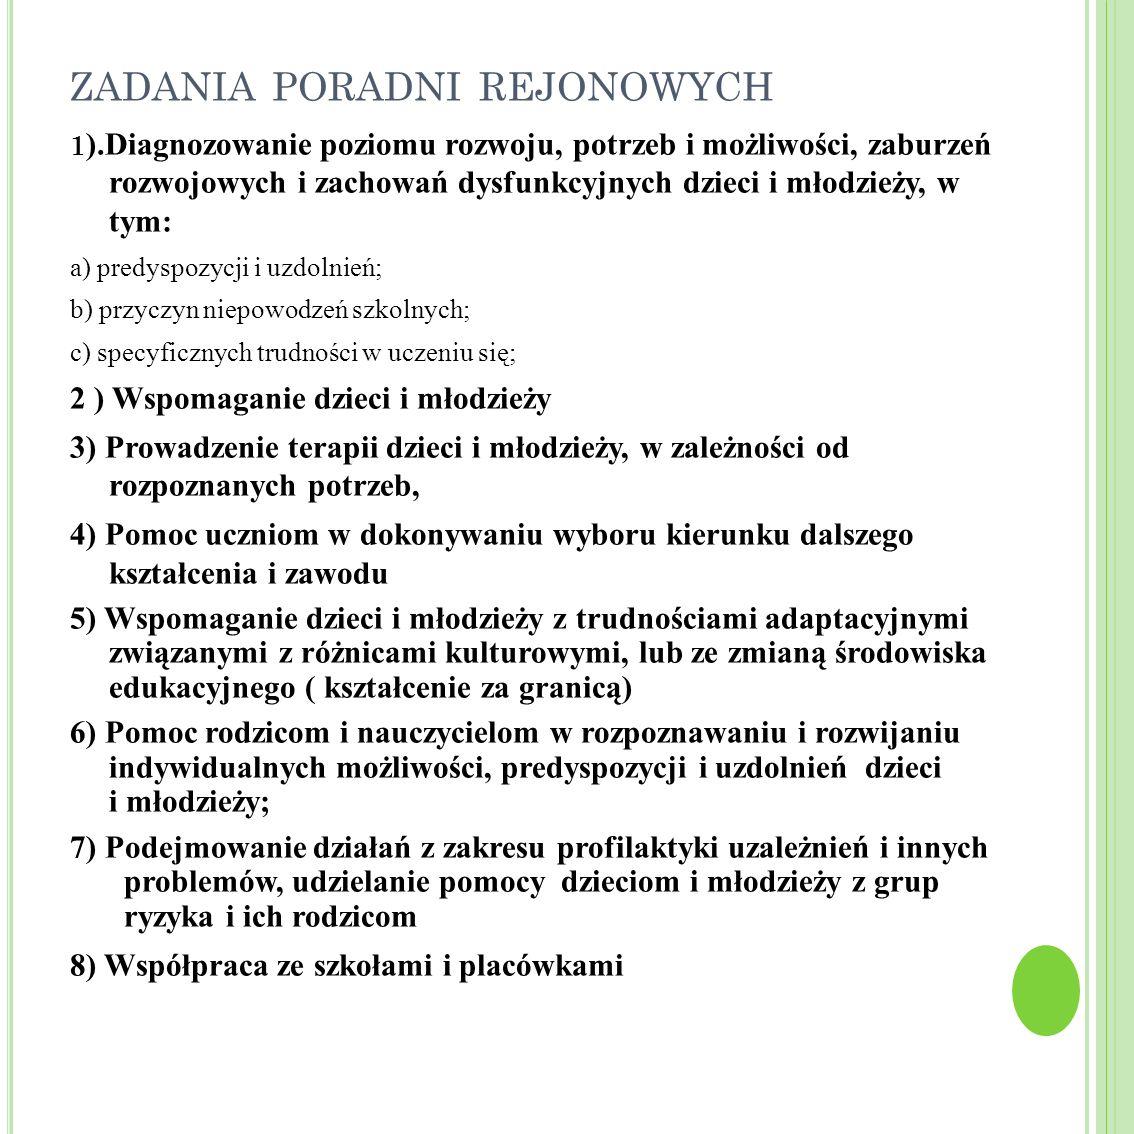 ZADANIA PORADNI REJONOWYCH 1 ).Diagnozowanie poziomu rozwoju, potrzeb i możliwości, zaburzeń rozwojowych i zachowań dysfunkcyjnych dzieci i młodzieży,